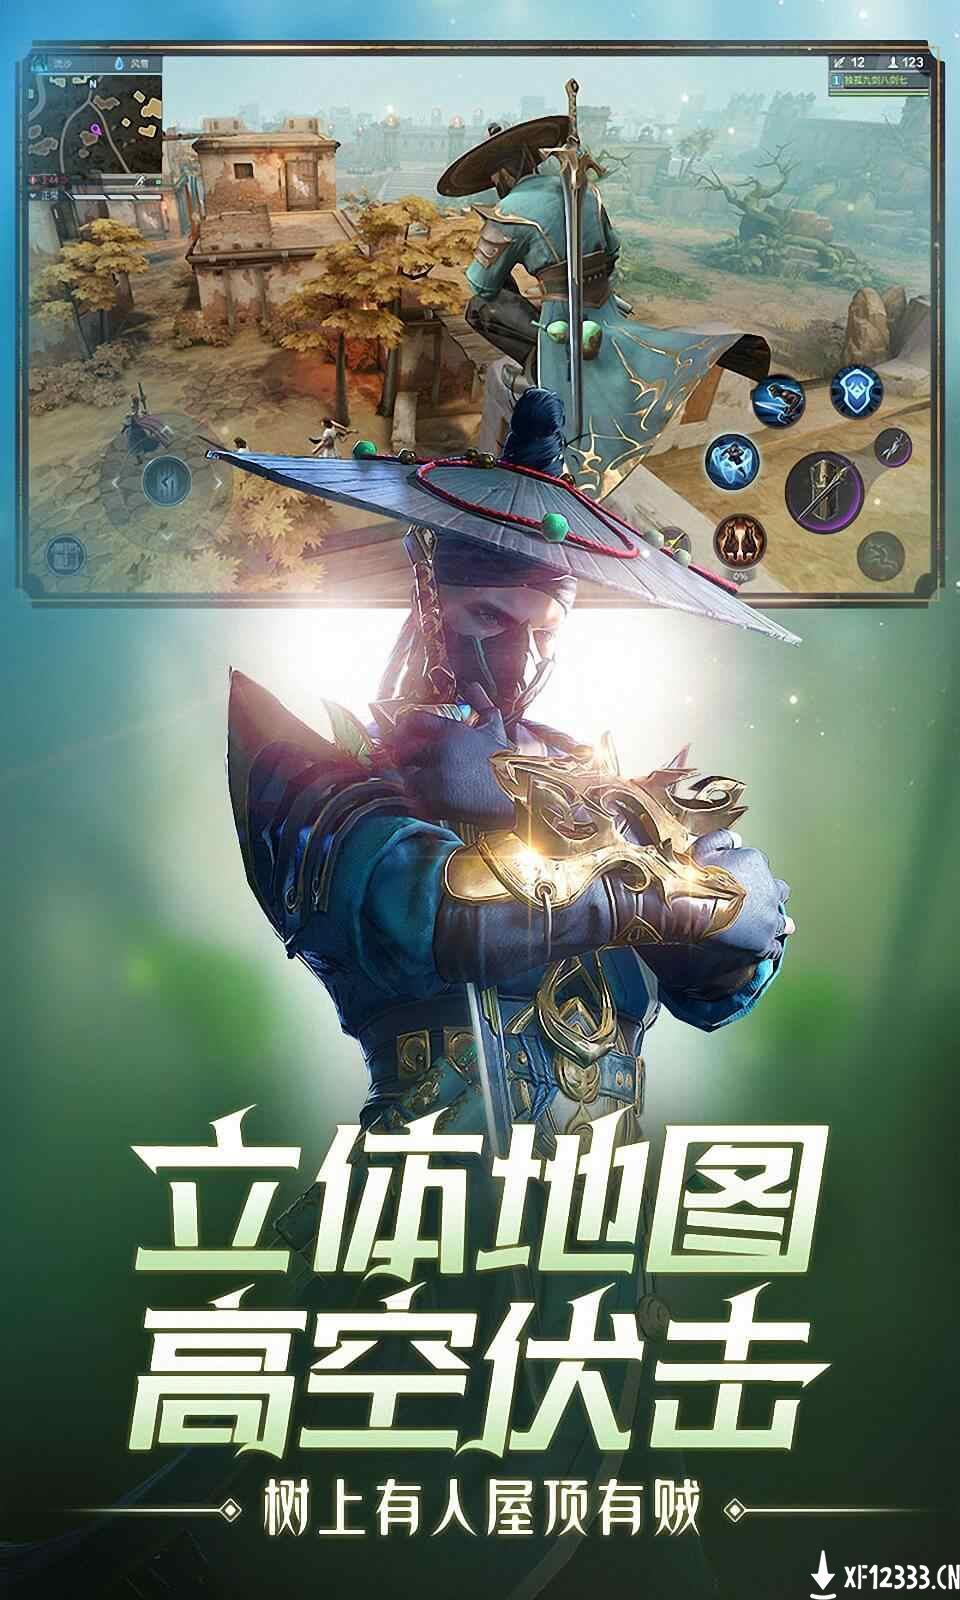 猎手之王兑换码手游下载_猎手之王兑换码手游最新版免费下载